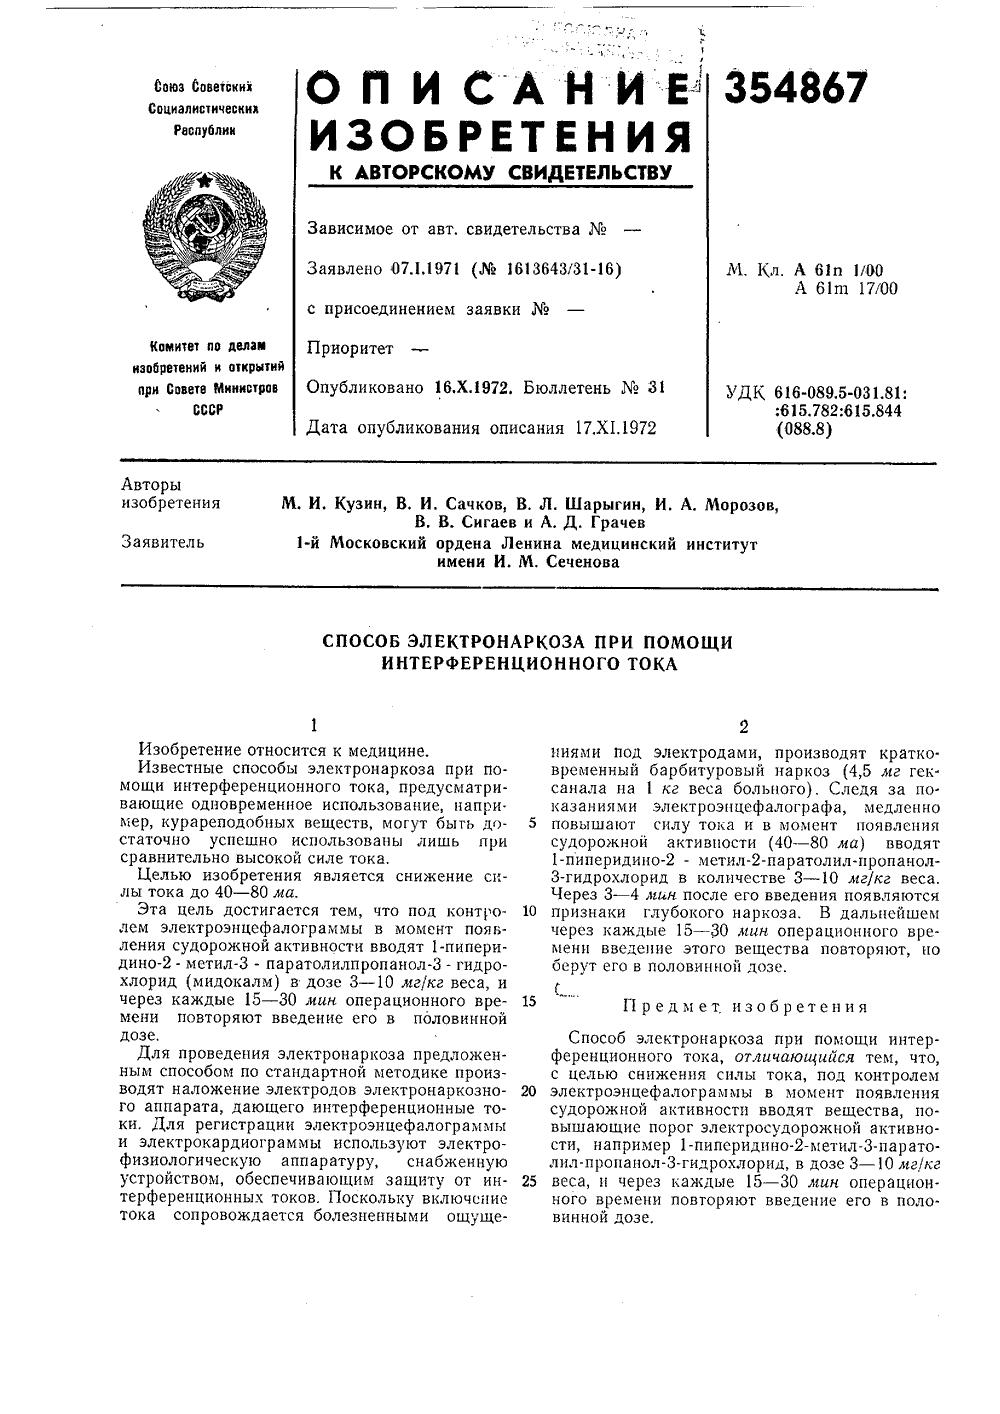 Меперидин